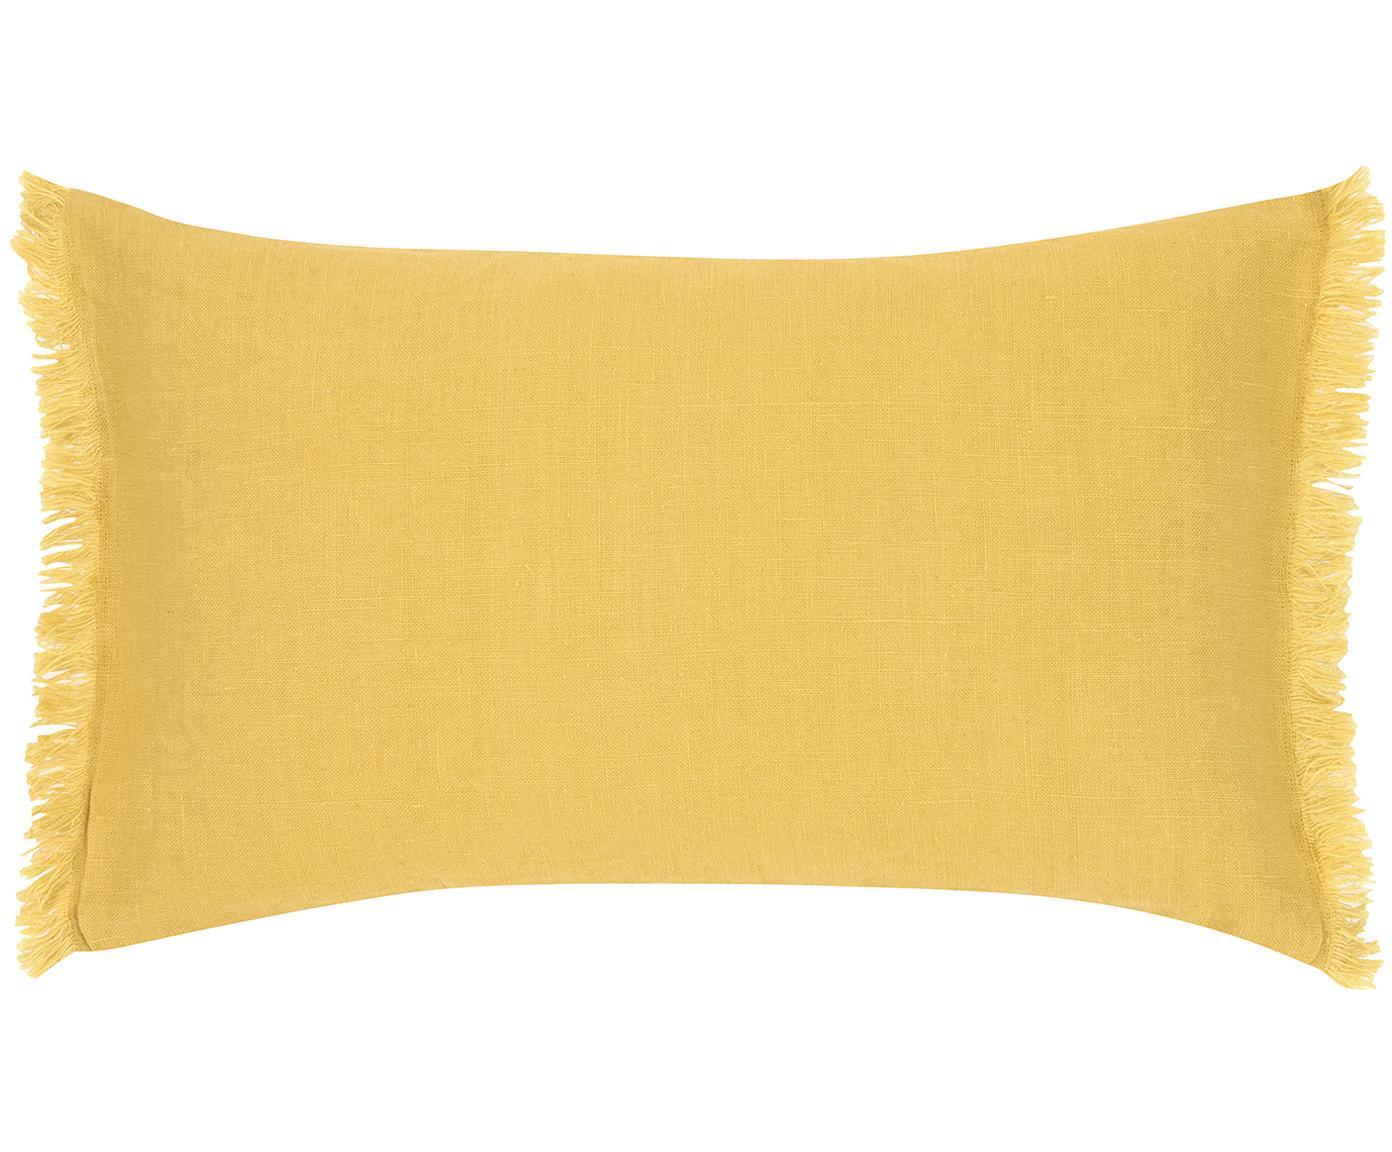 Poszewka na poduszkę z lnu z frędzlami Luana, Len, Żółty, S 30 x D 50 cm